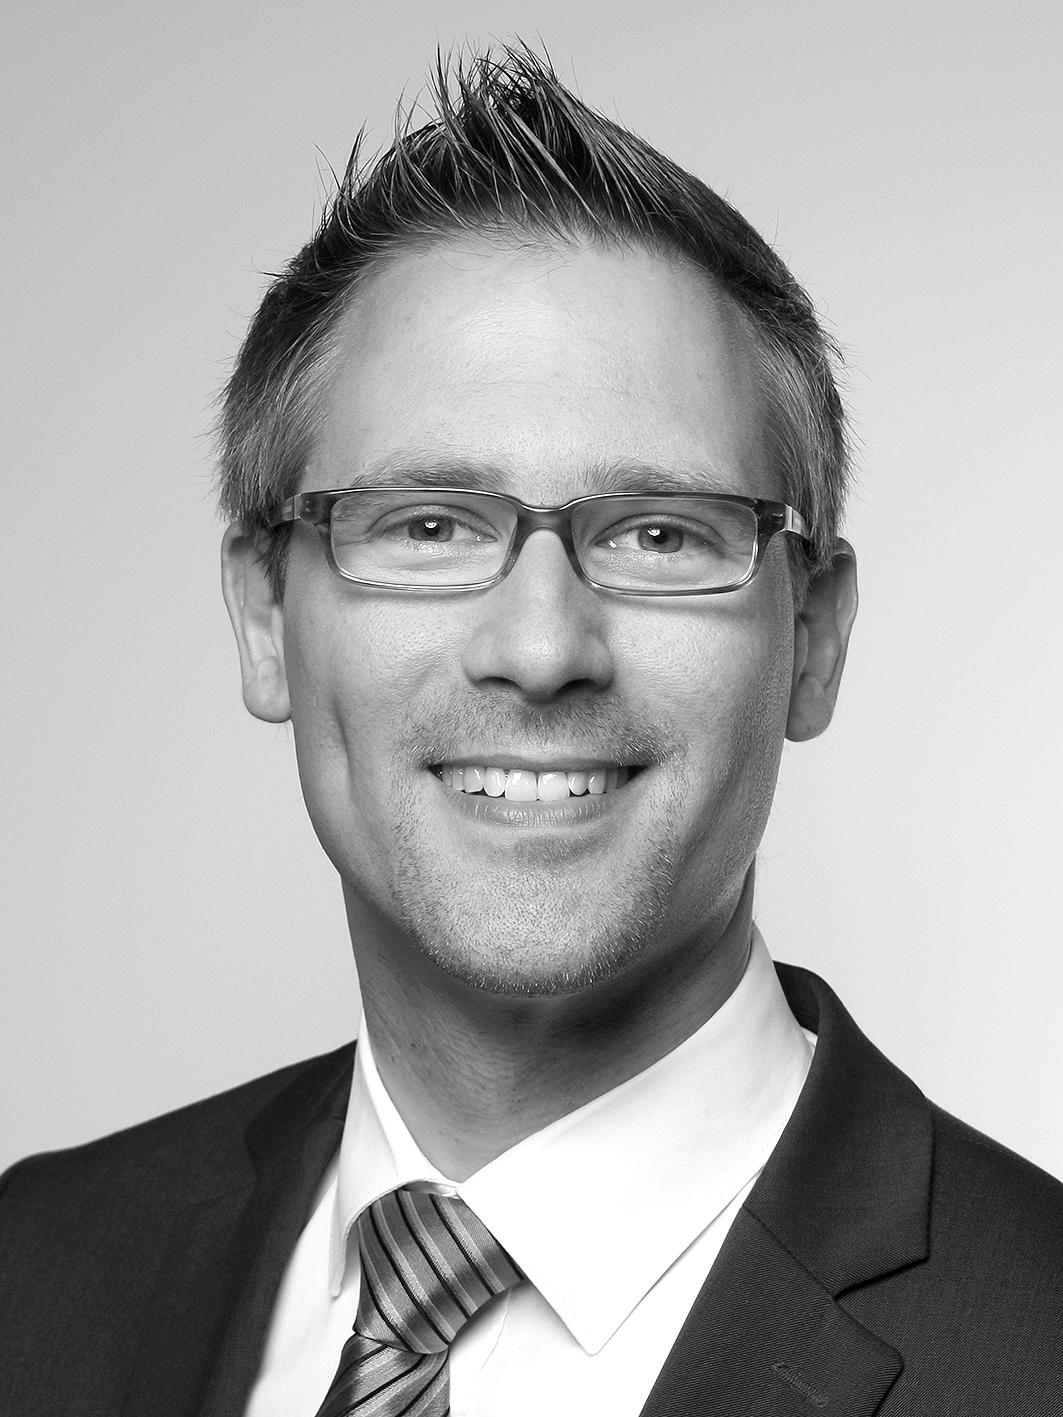 Markus Kruse Der Zukunftsgestalter